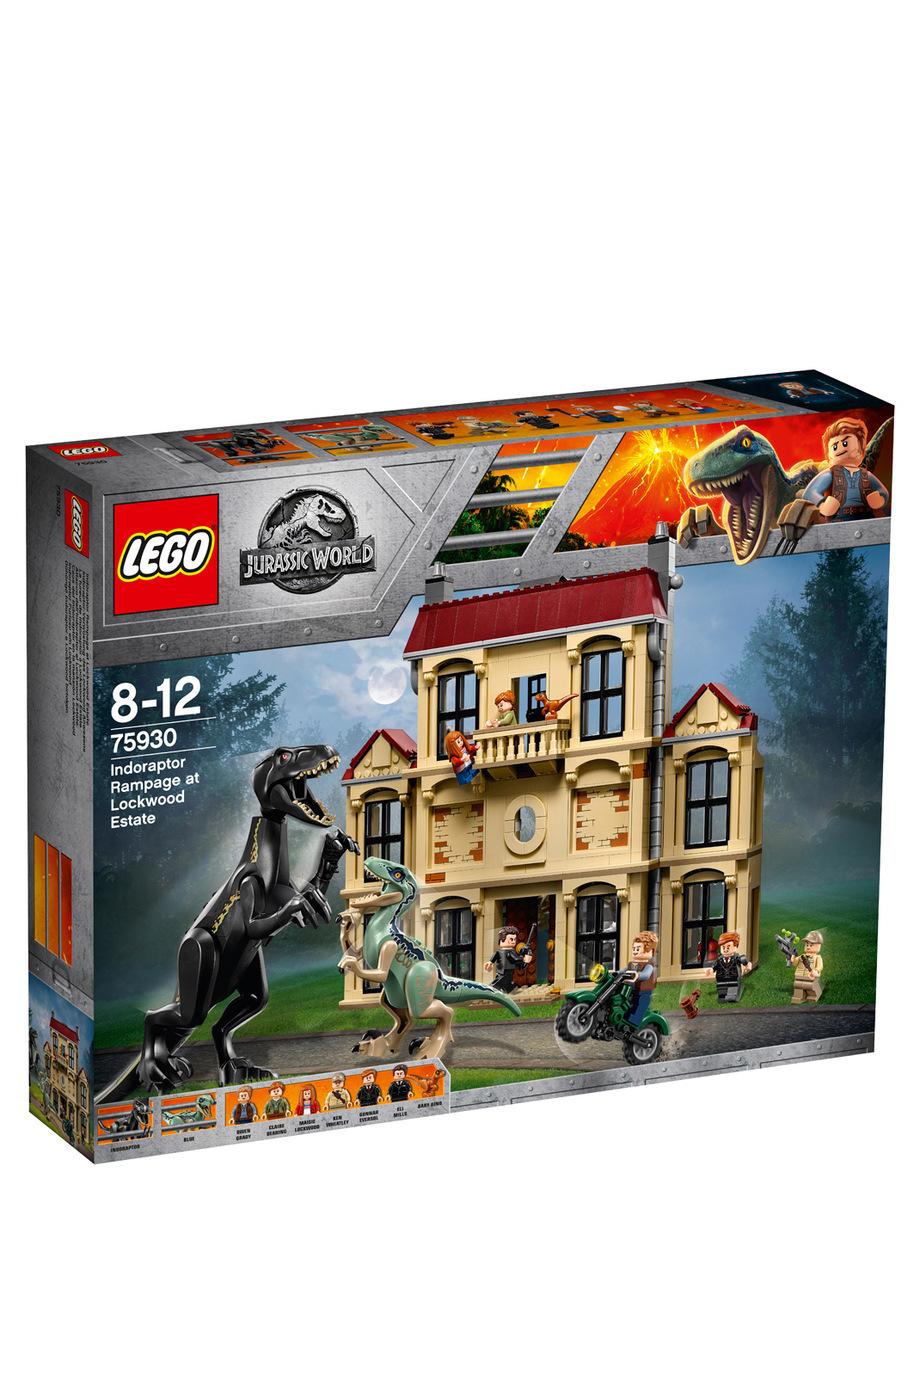 Lego indoraptor only